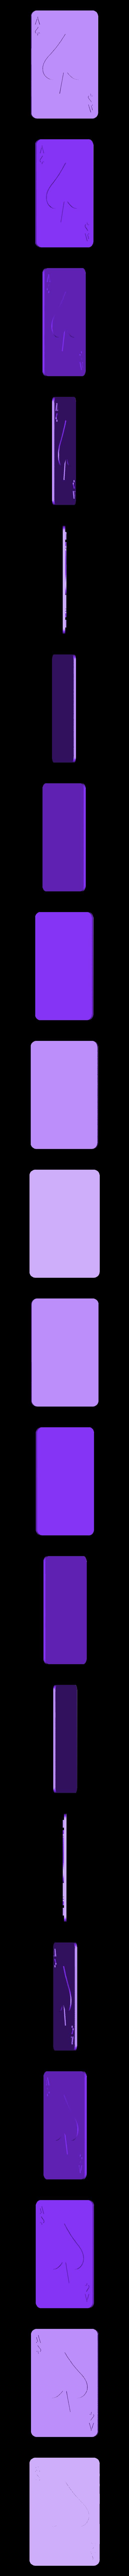 Spades_1_bump.stl Télécharger fichier SCAD gratuit Les cartes à jouer • Objet imprimable en 3D, yvrogne59